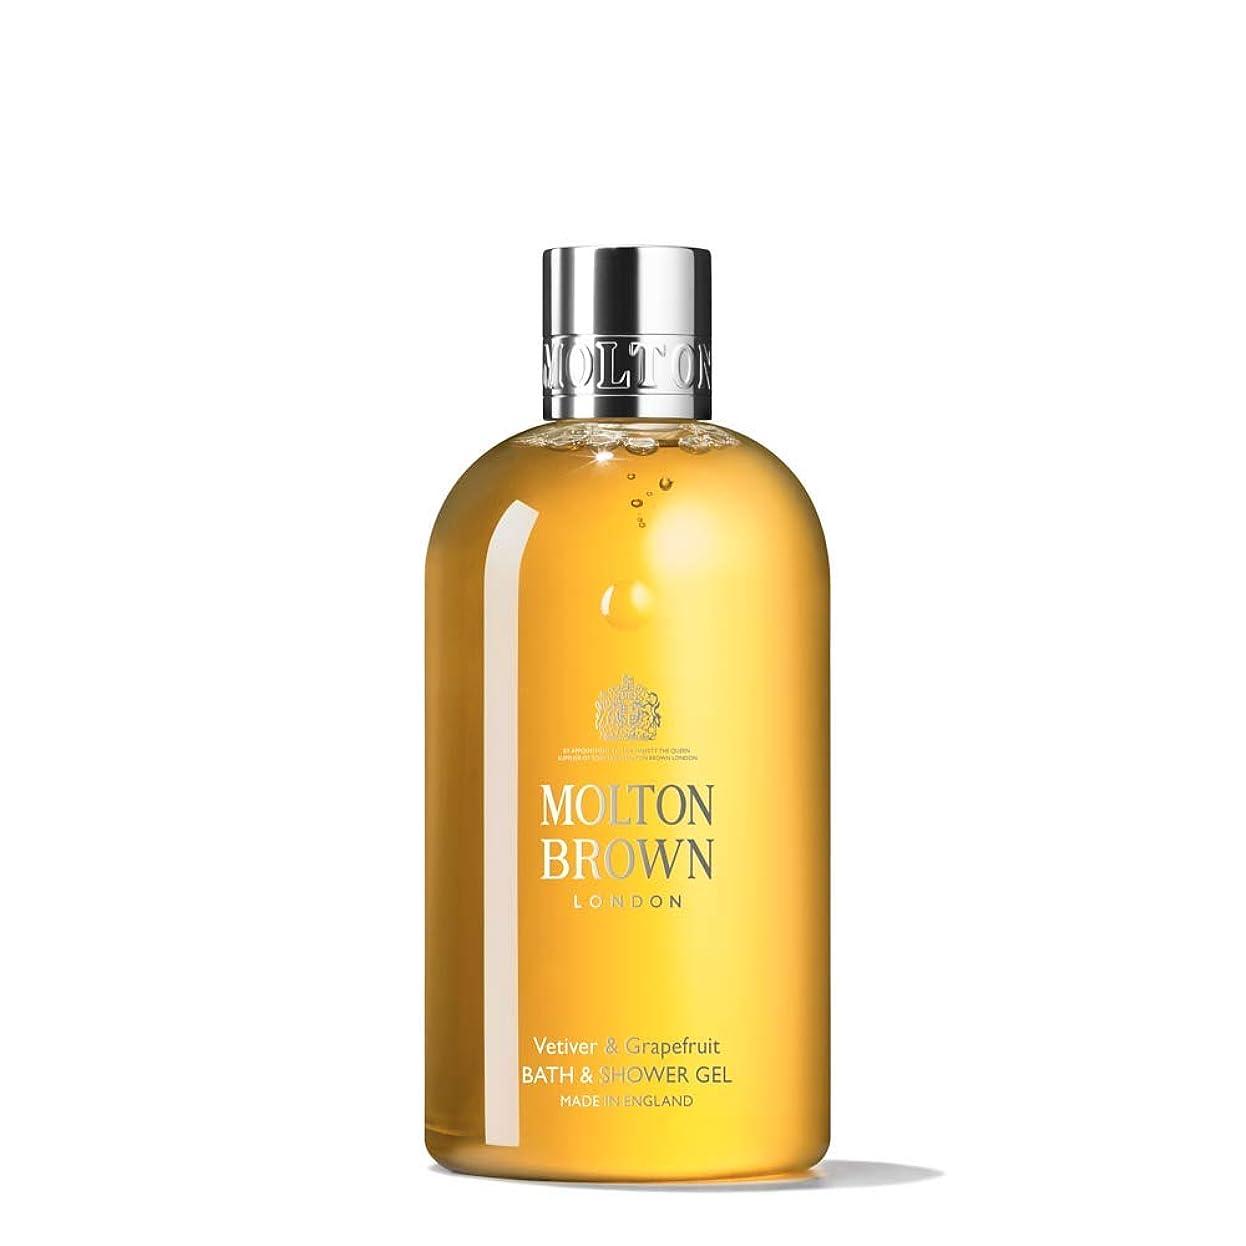 桁独特の人気のMOLTON BROWN(モルトンブラウン) ベチバー&グレープフルーツ コレクション V&G バス&シャワージェル